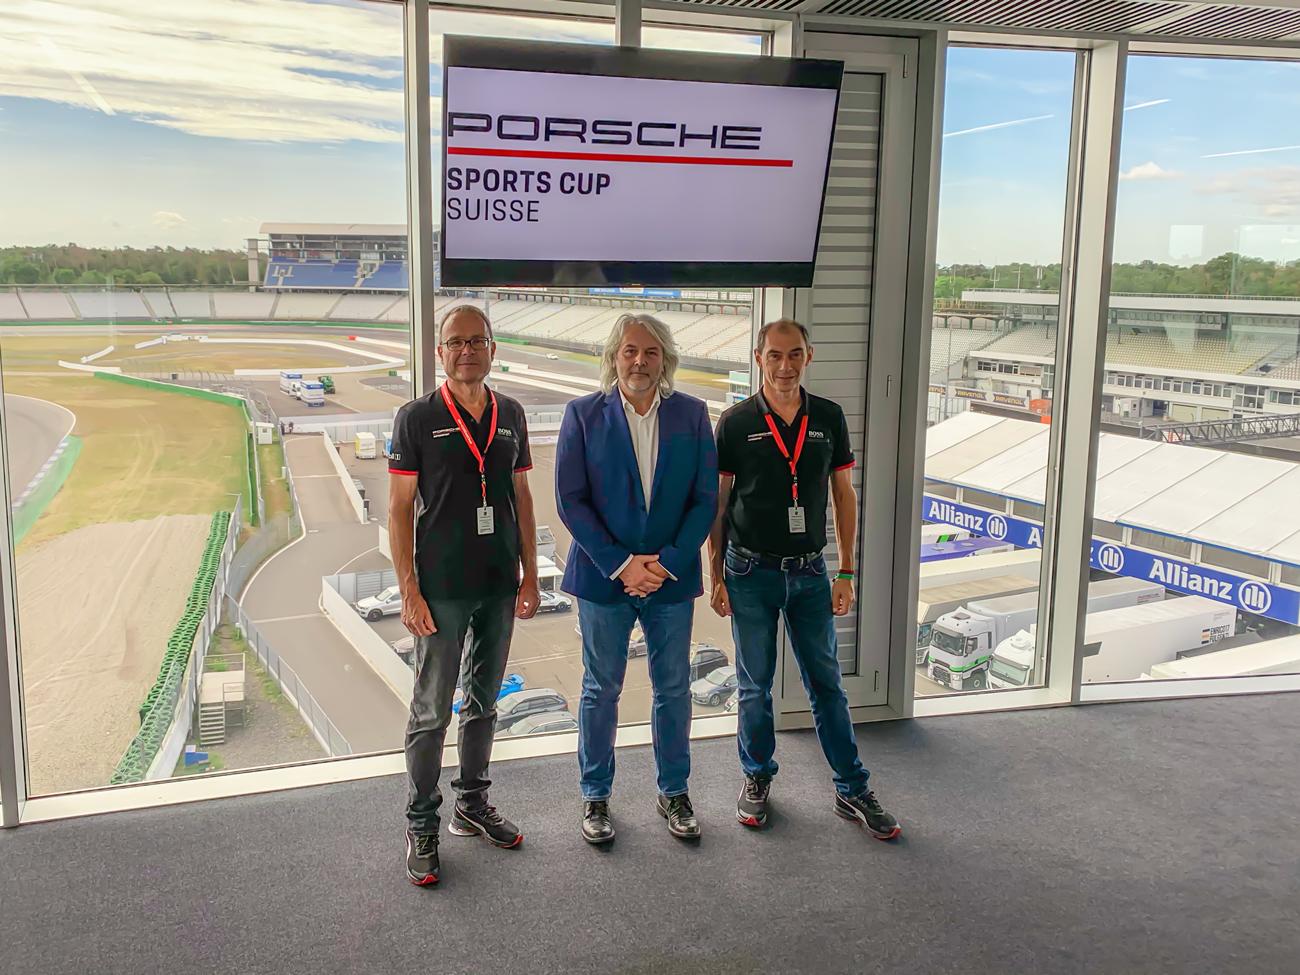 Porsche Sports Cup Suisse 2020